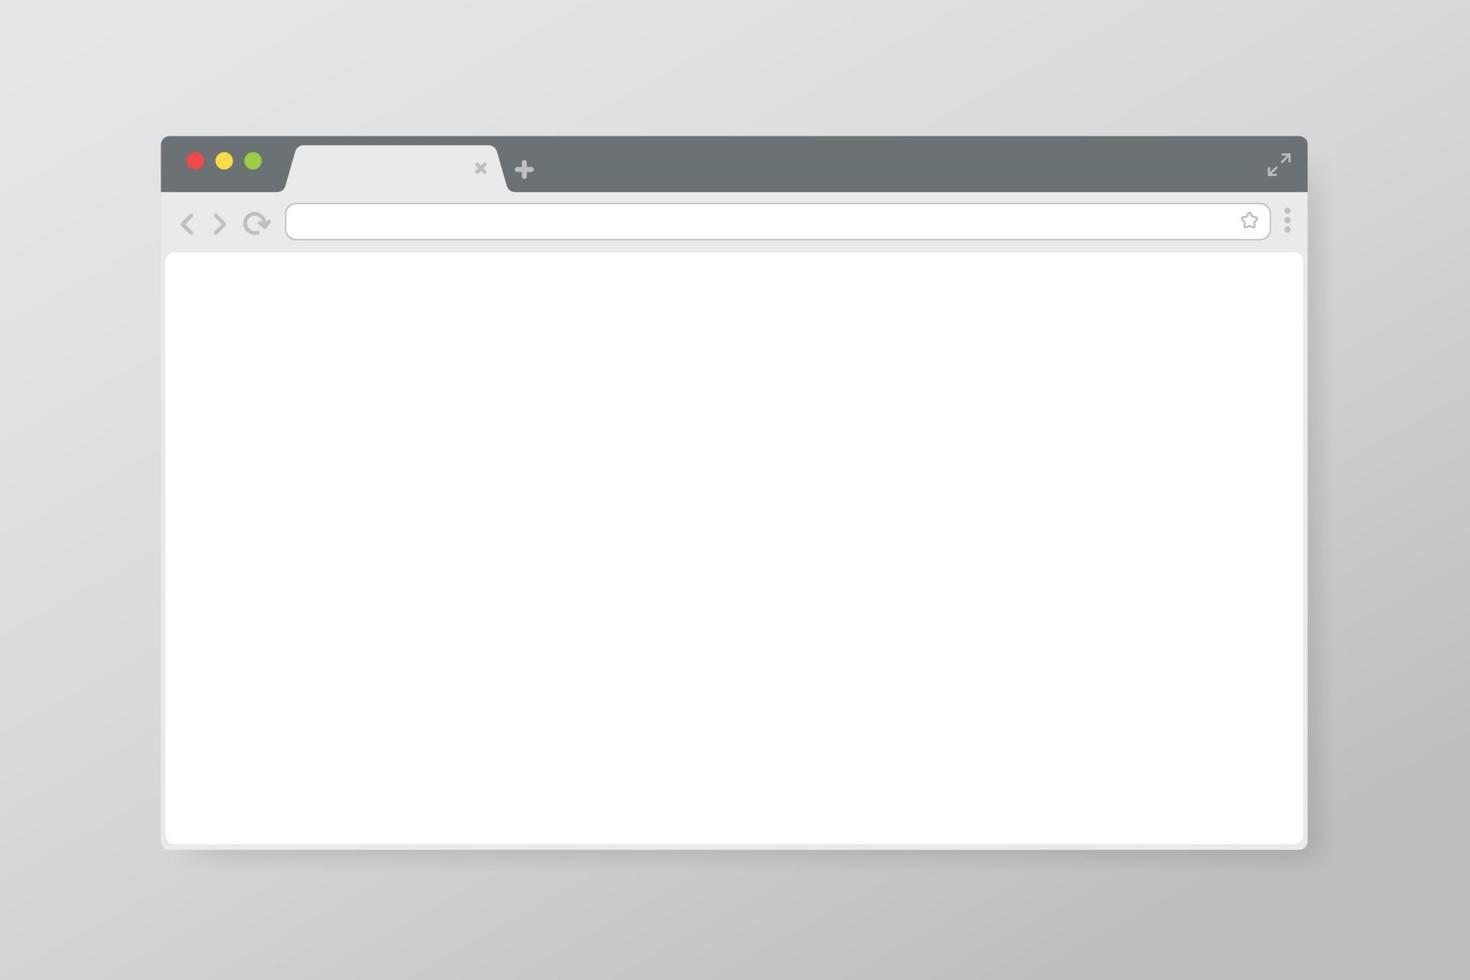 webbrowser-schermvector op computerscherm voor het zoeken naar informatie via websites op internet vector